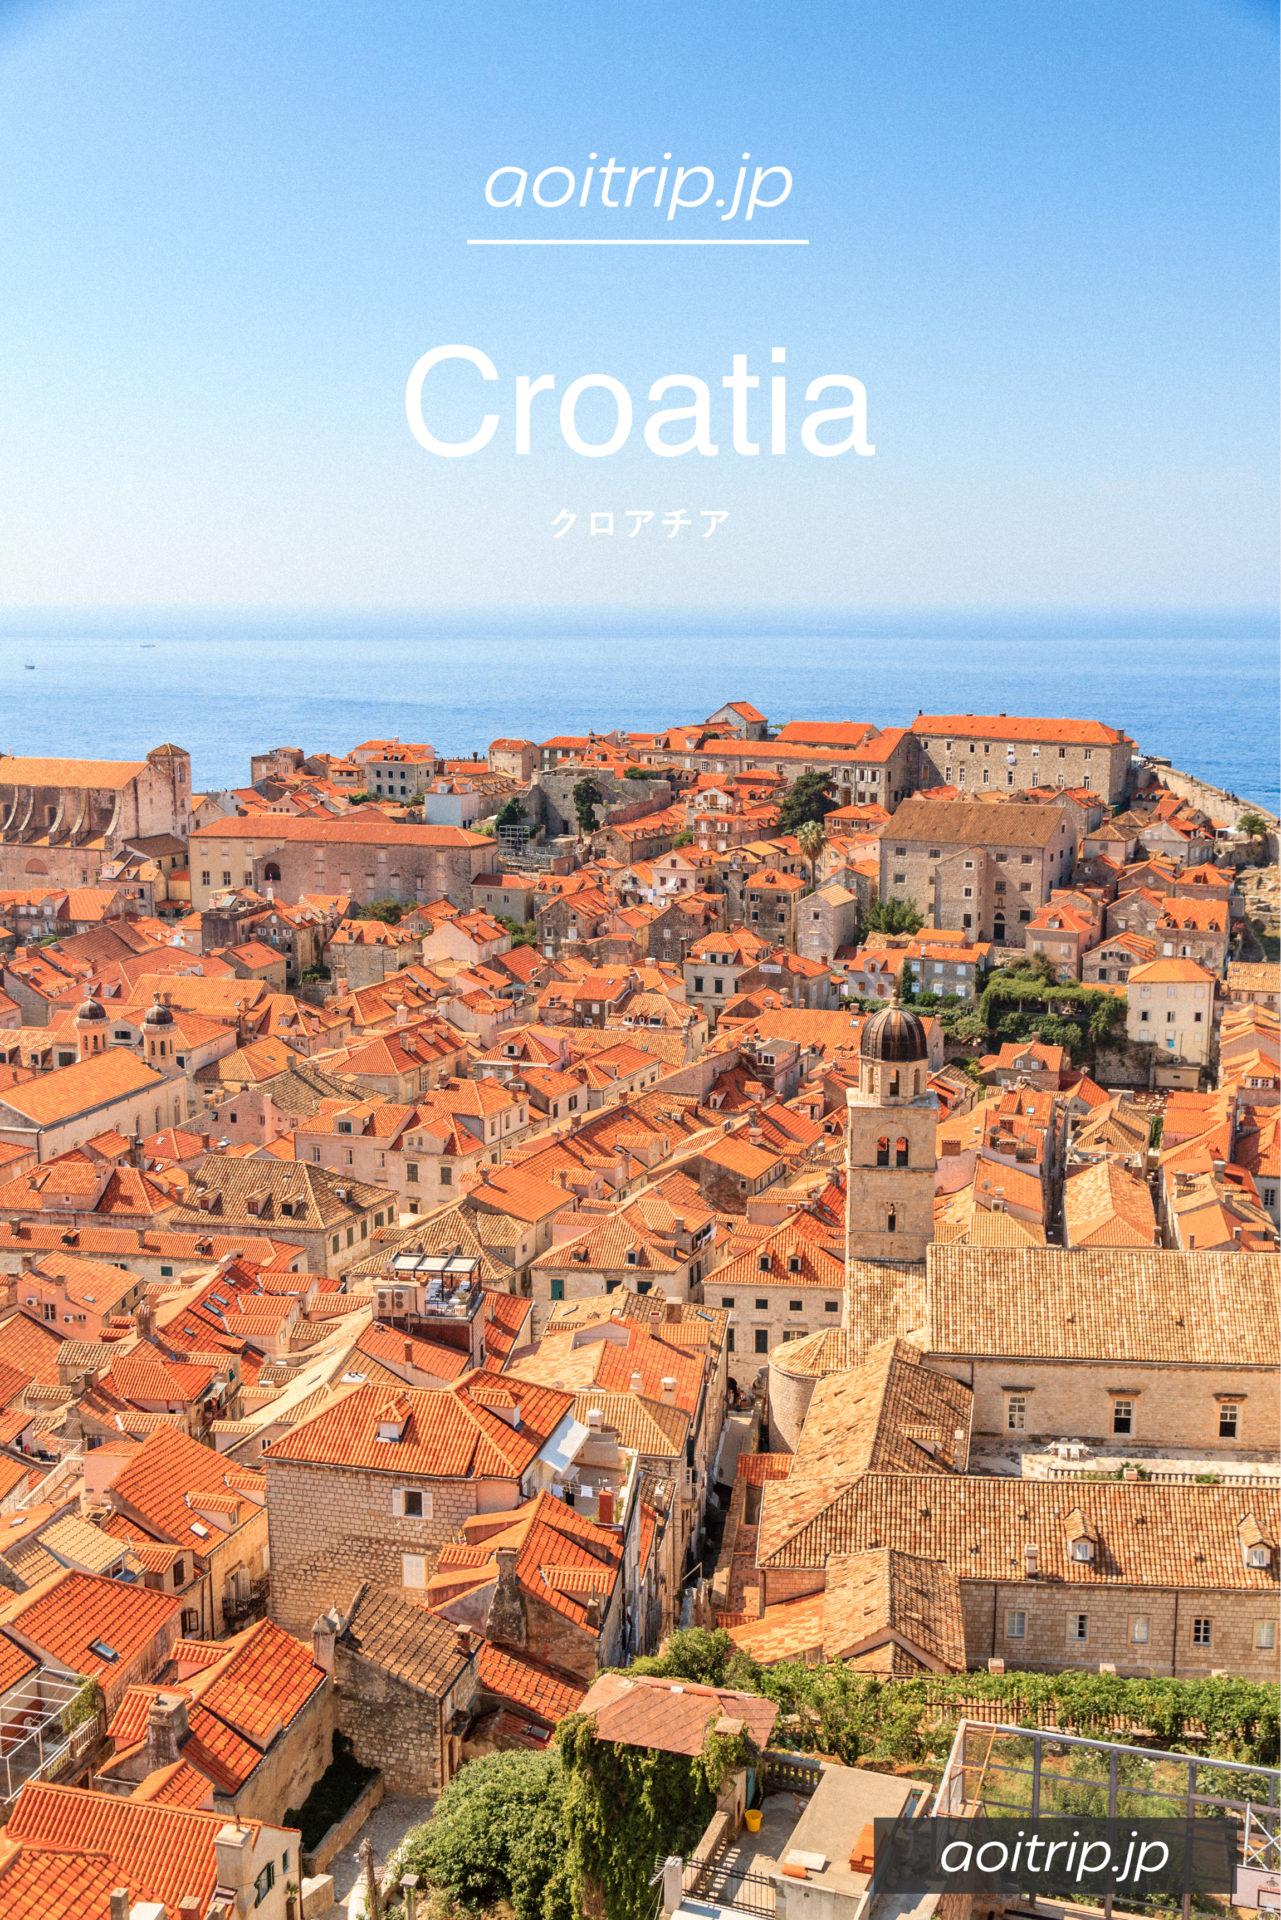 クロアチア観光・旅行記 Croatia Travel